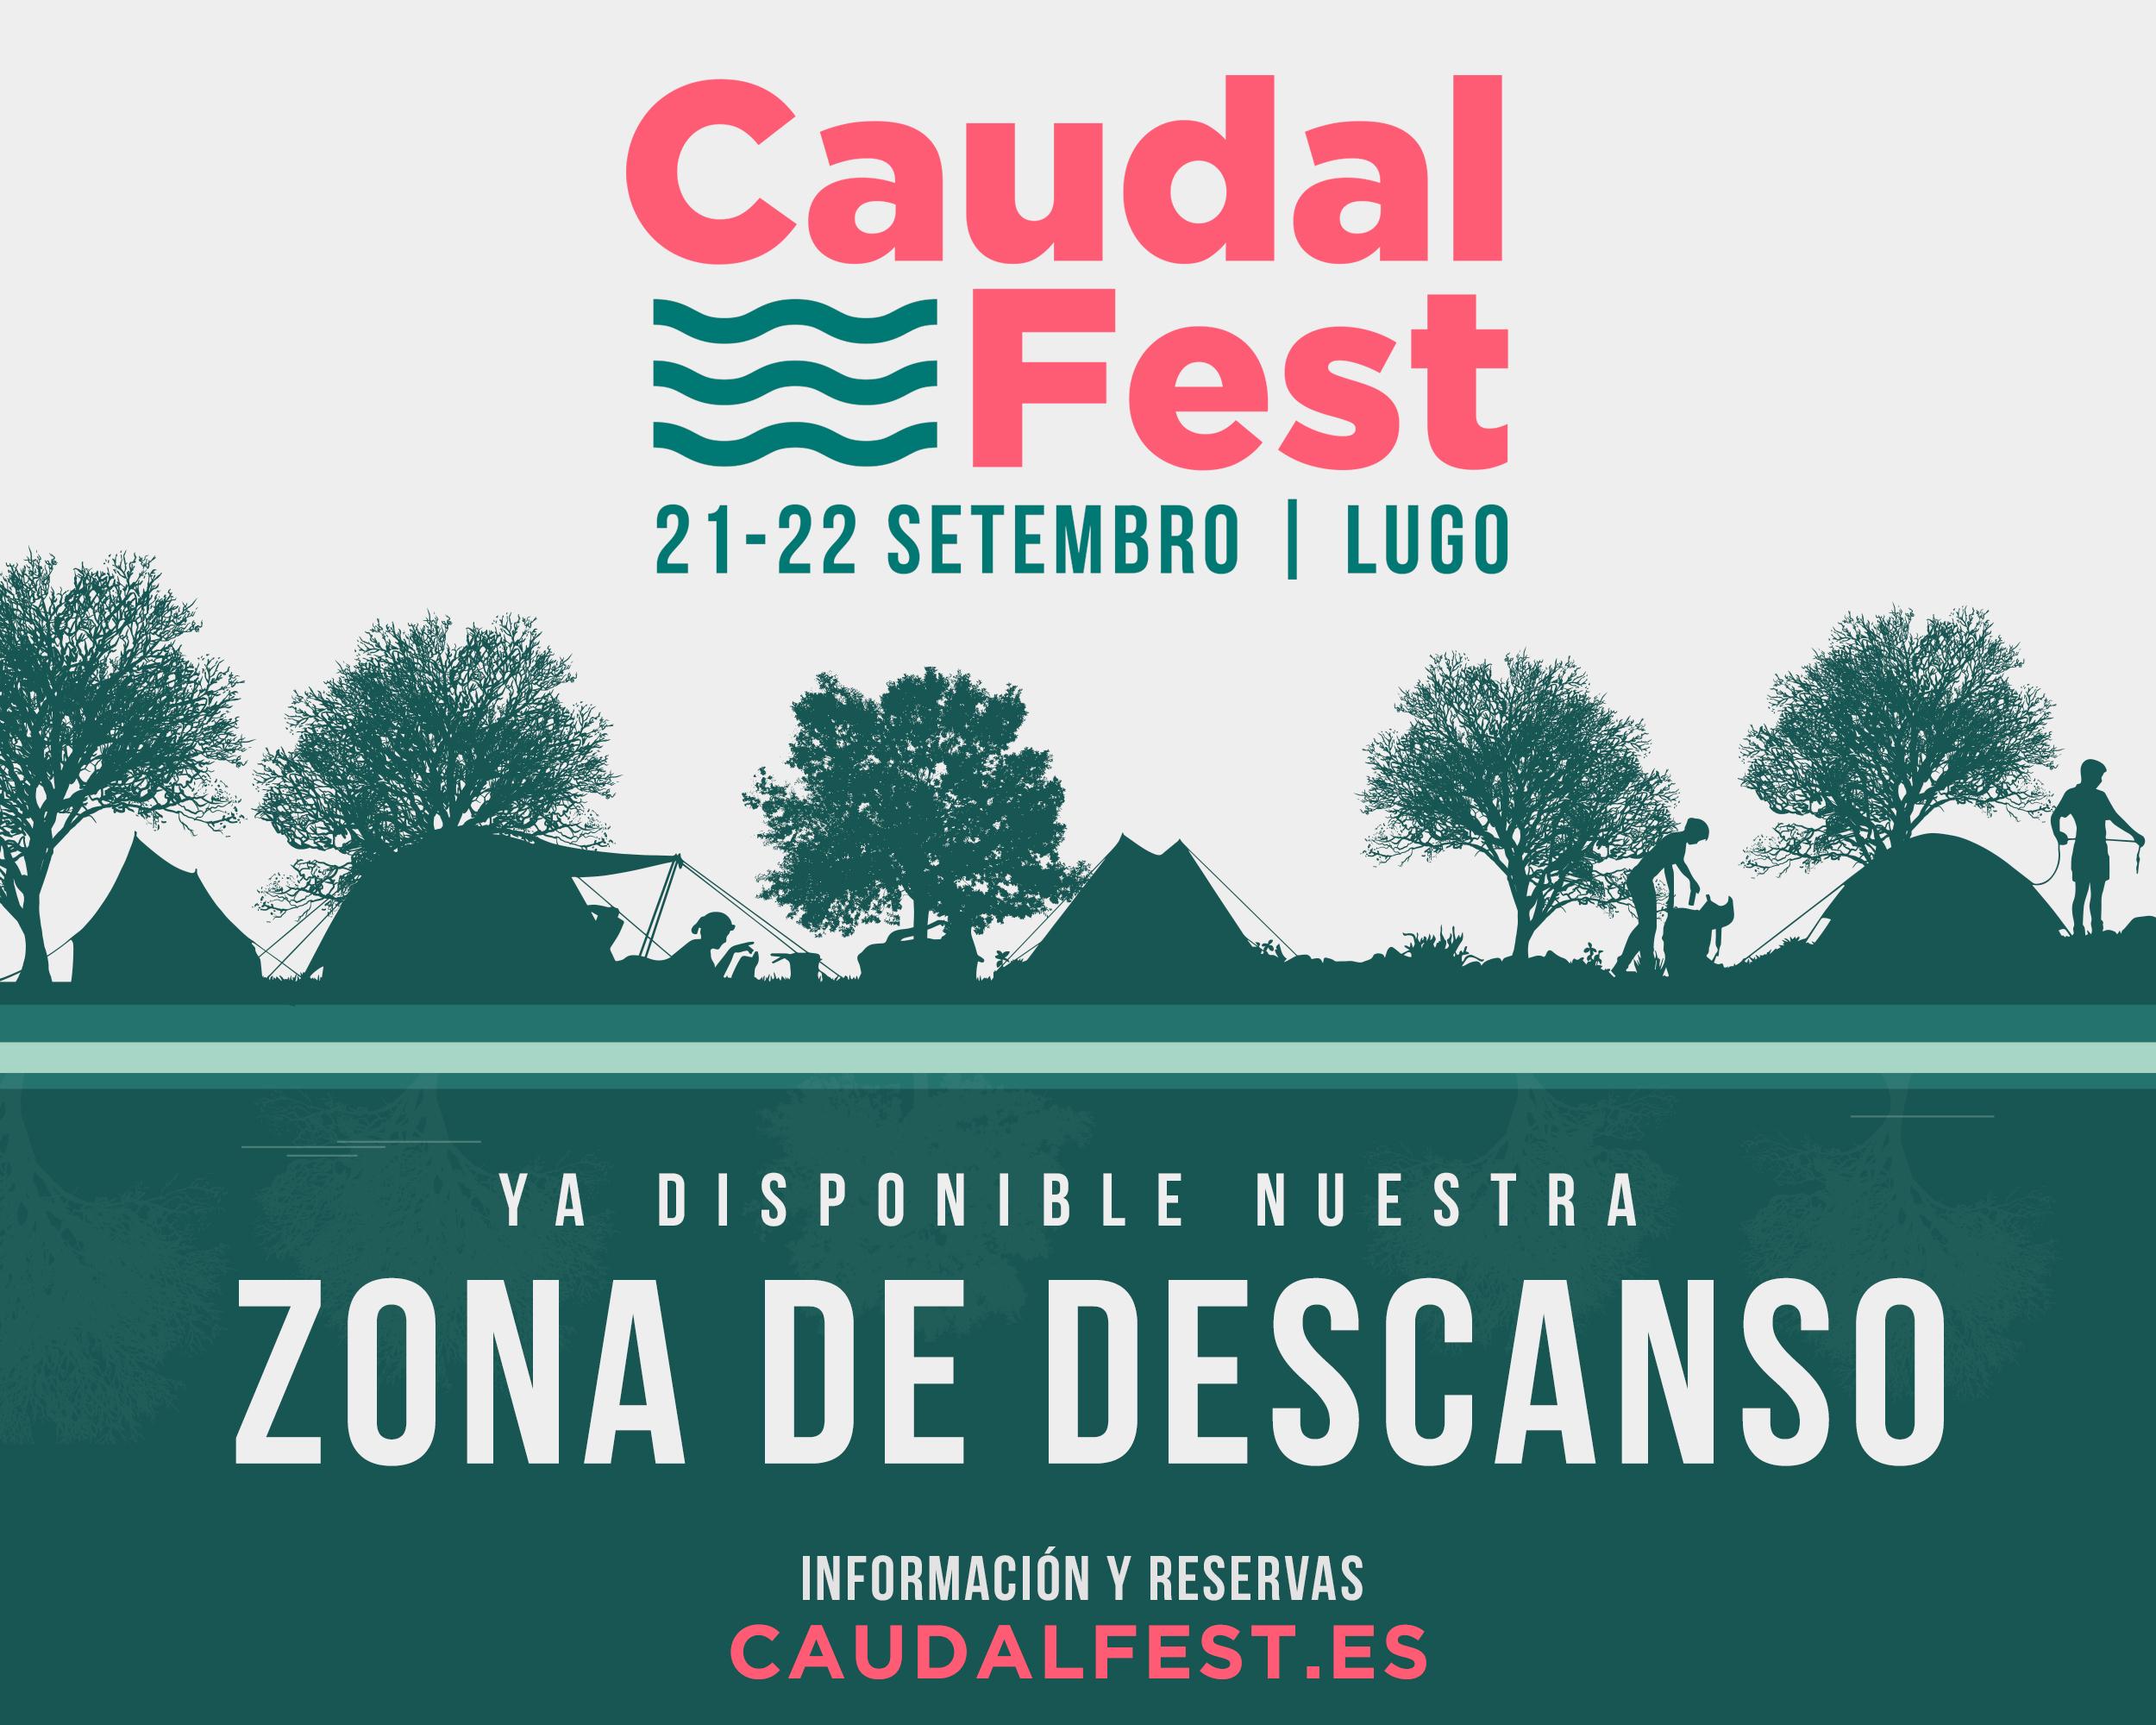 Zona de descanso Caudal Fest